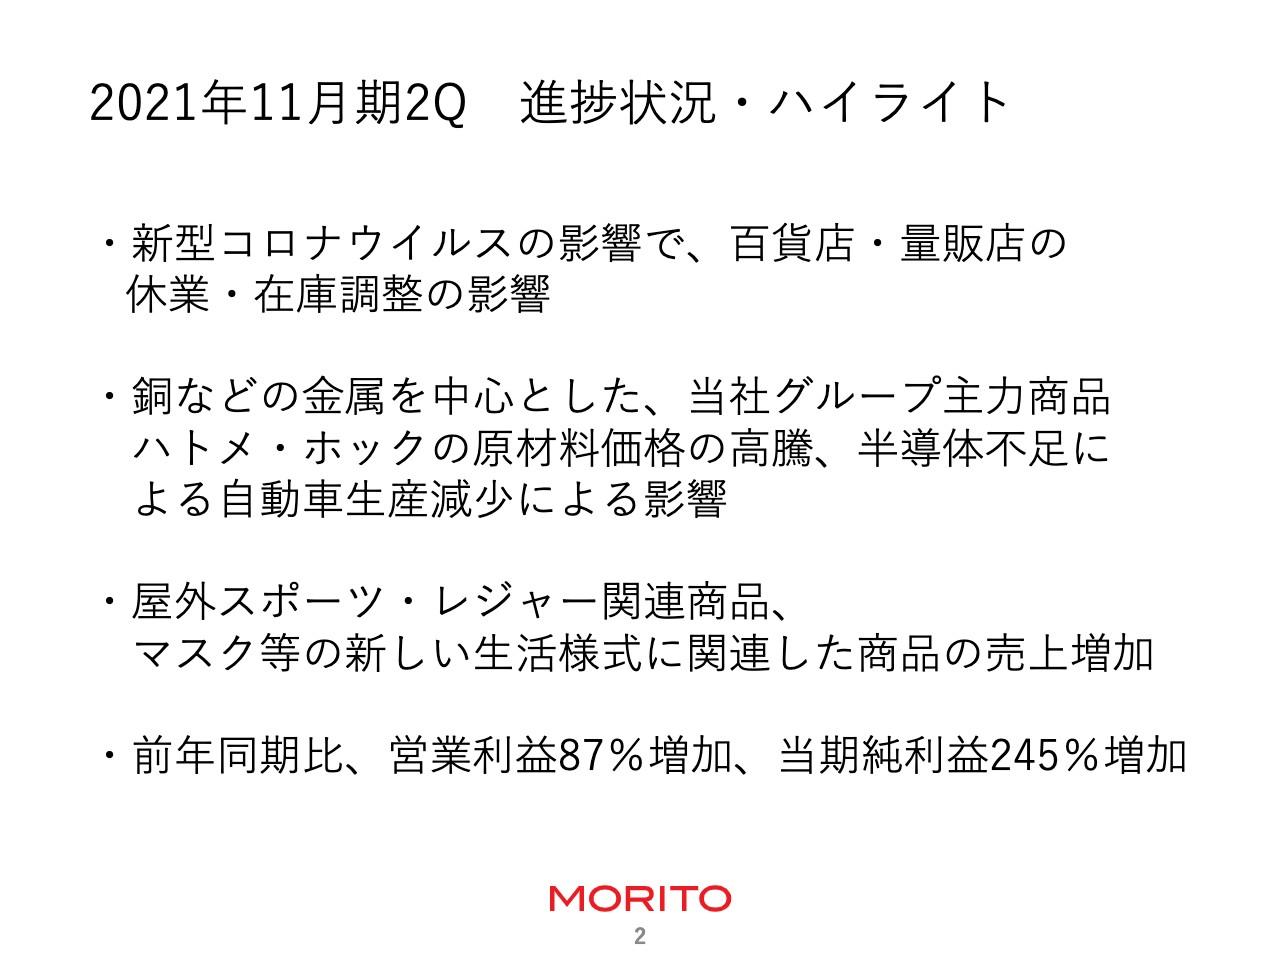 モリト、2Qの営業利益は前年比+87%、当期純利益は+245% 新しい生活様式に関連した商品の売上が伸長